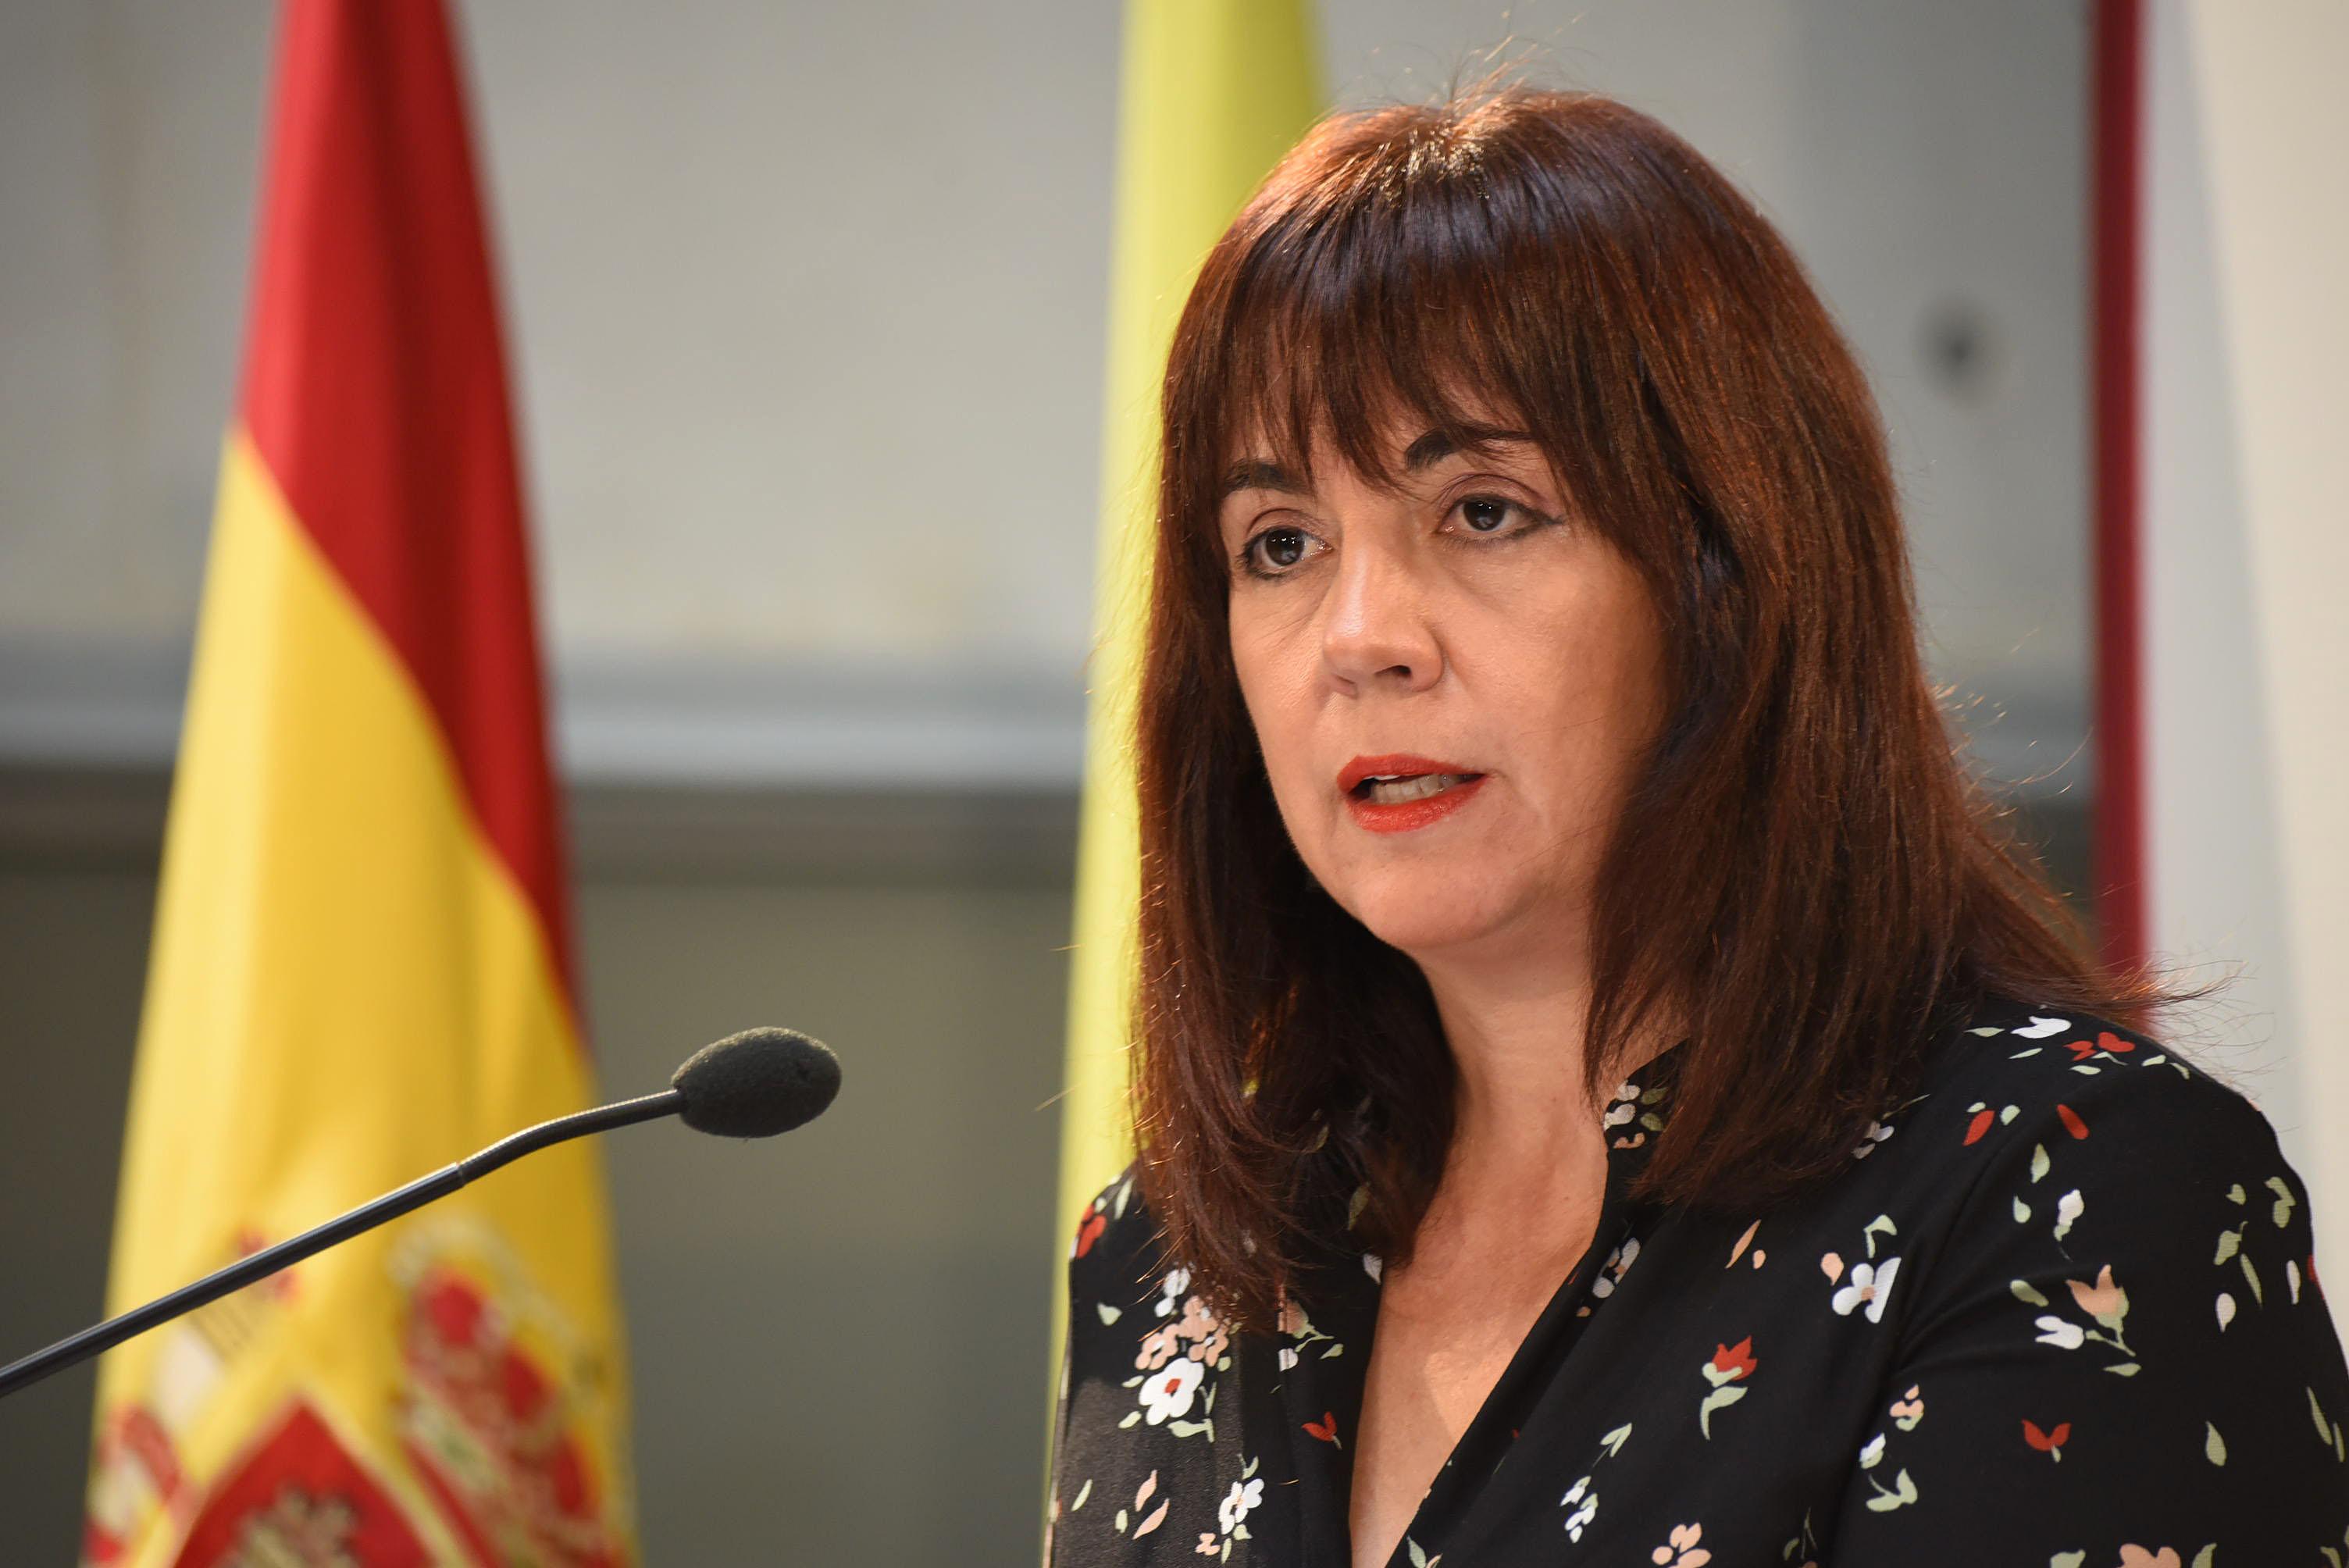 Diputación concede más de 300 ayudas a familias con dificultades de la provincia desde el inicio del confinamiento